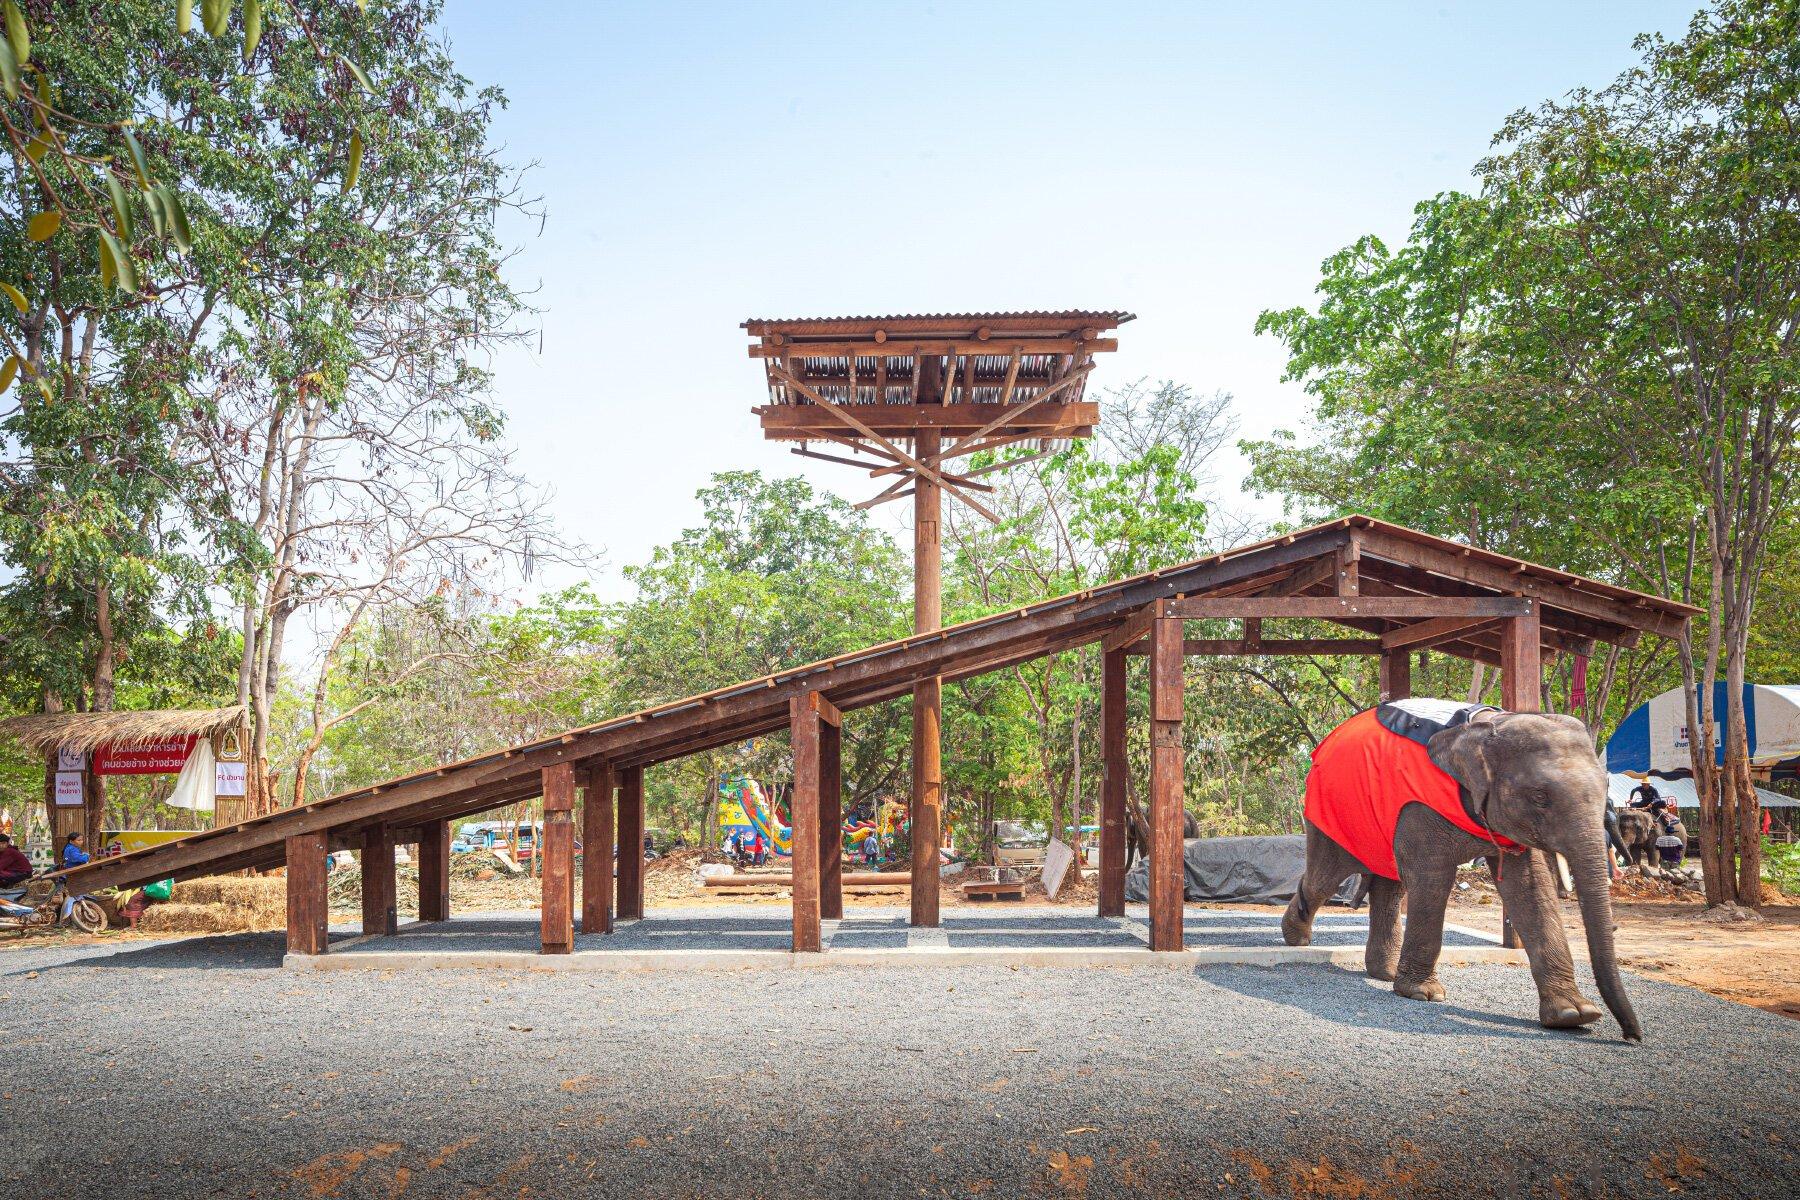 同步在威尼斯雙年展的展場以及Kuy族居住的Kurin地區建造的亭子